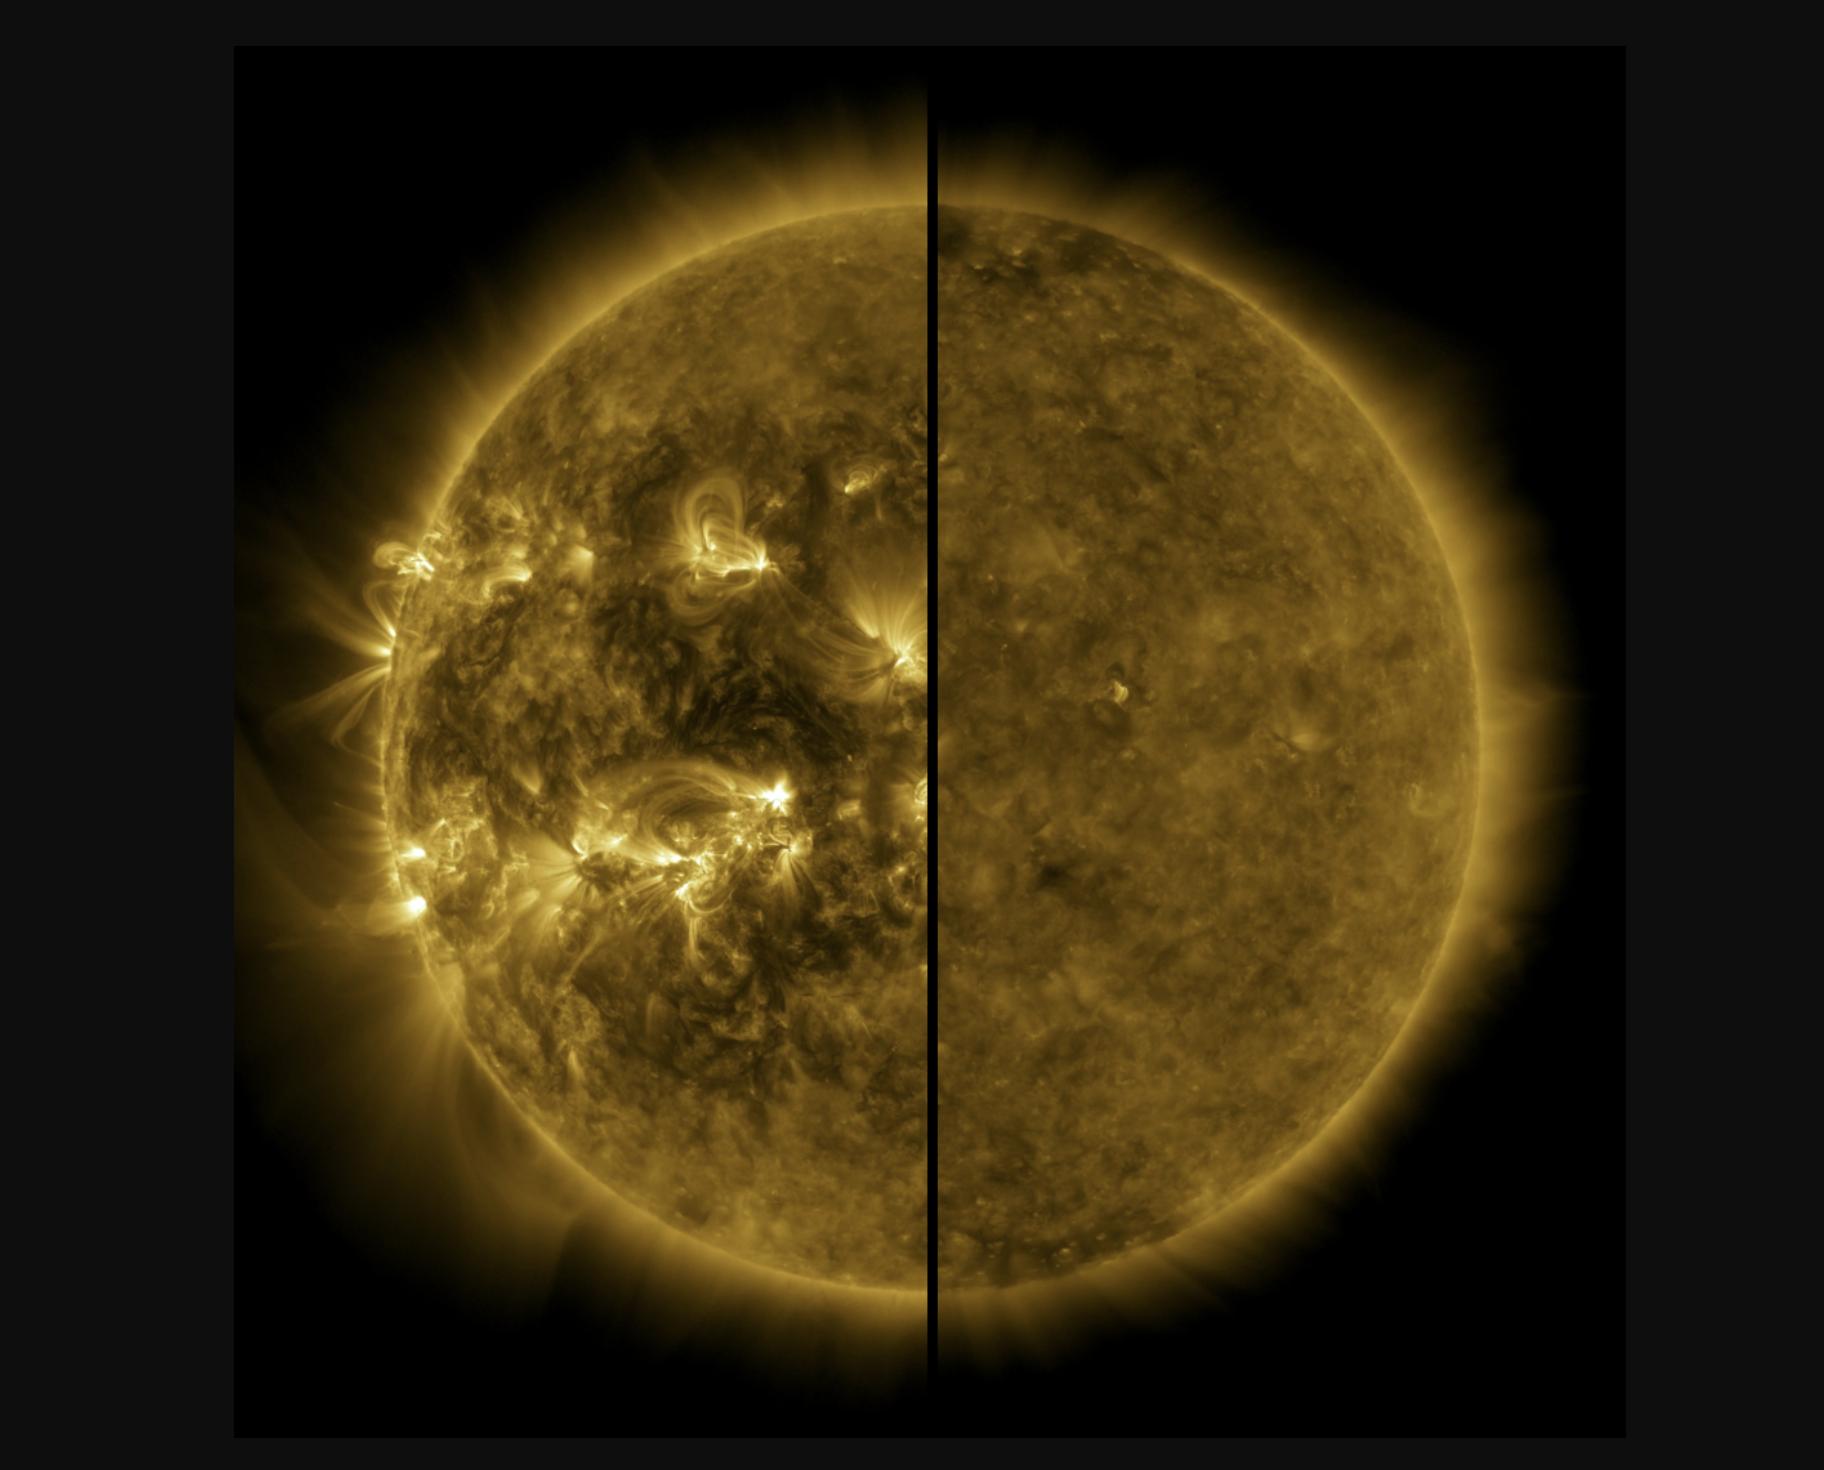 La NASA confirma el inicio de un nuevo ciclo solar: ¿Qué significa esto?